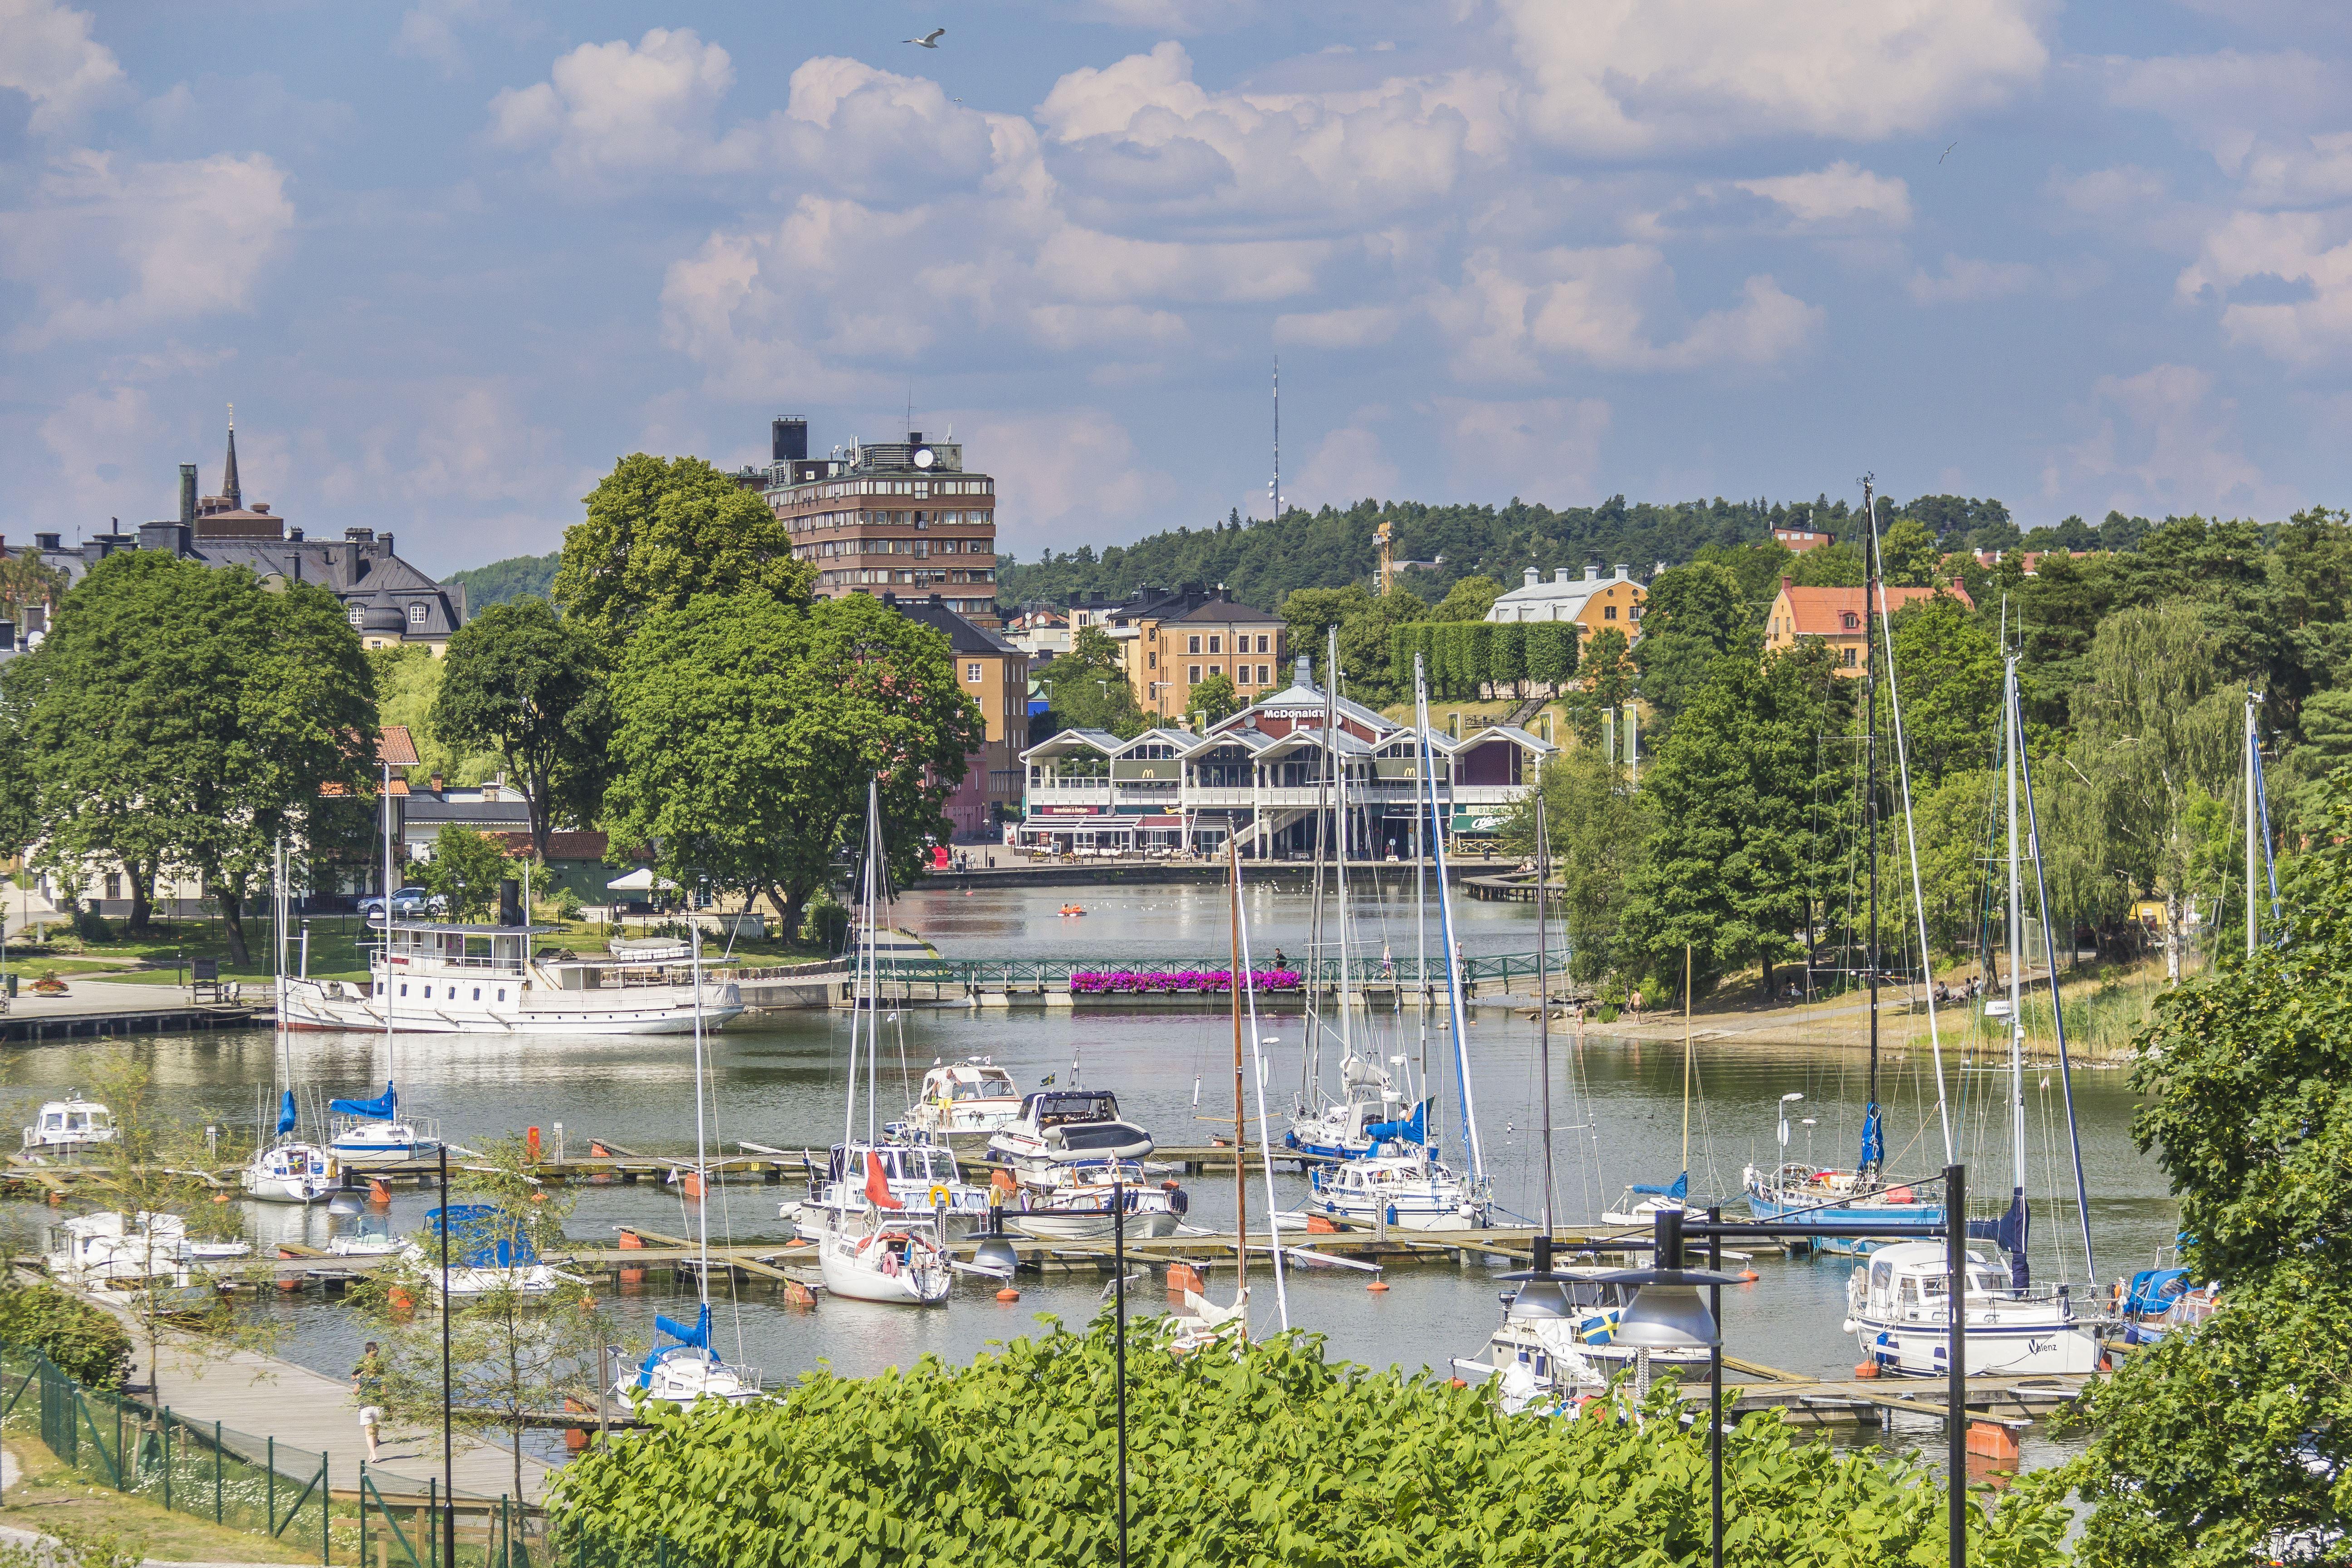 Södertäljevandringar 2019 - Hebbevillan, från brädhög till levande kulturhus